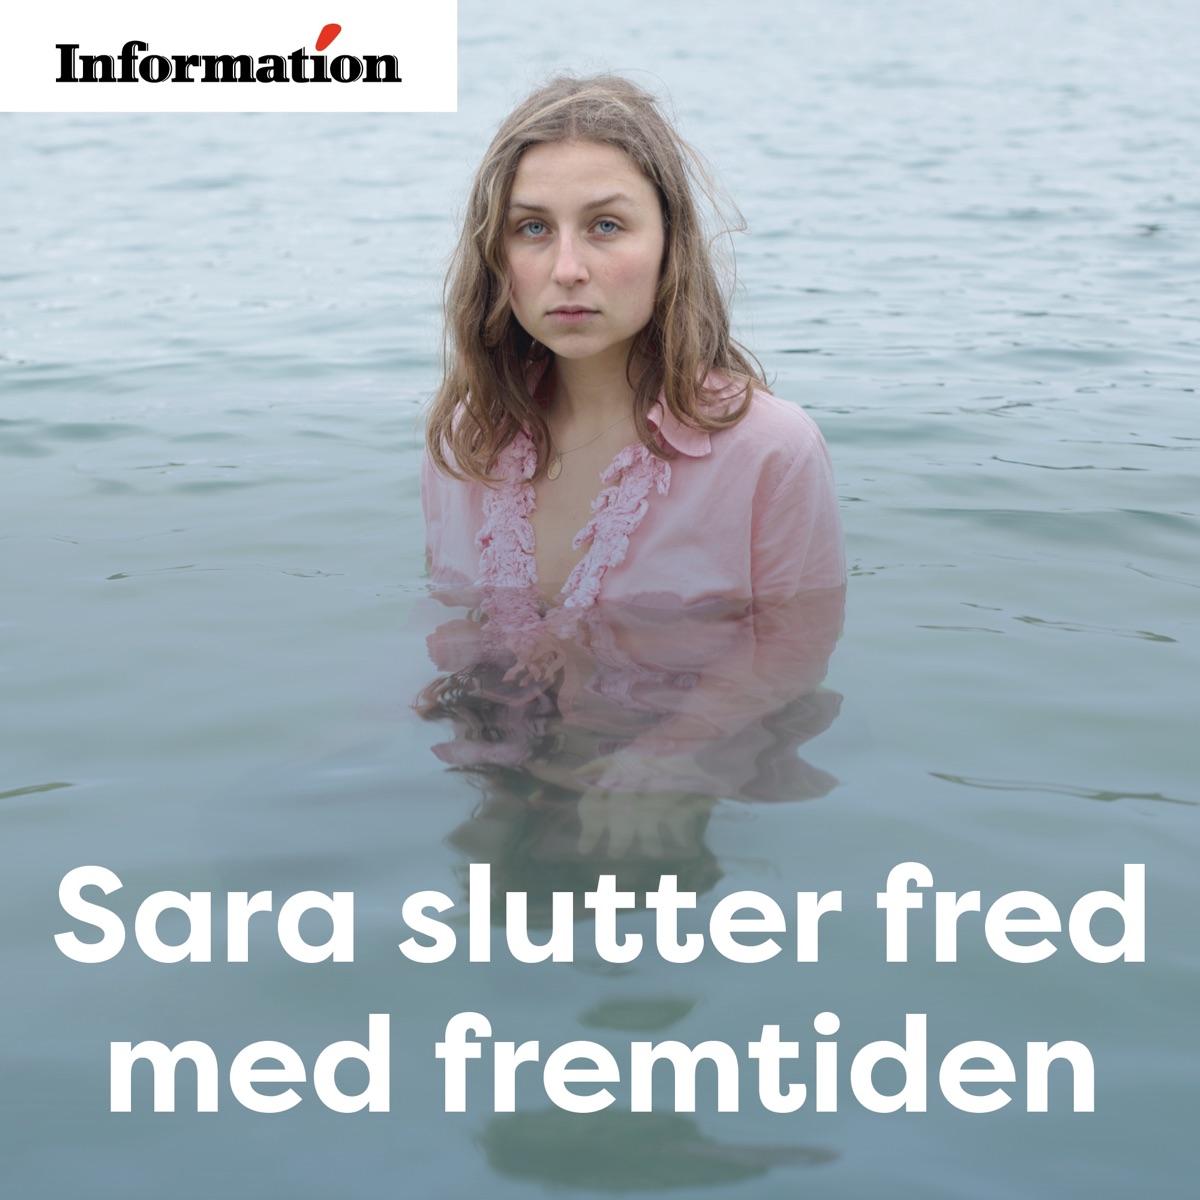 Sara slutter fred med fremtiden